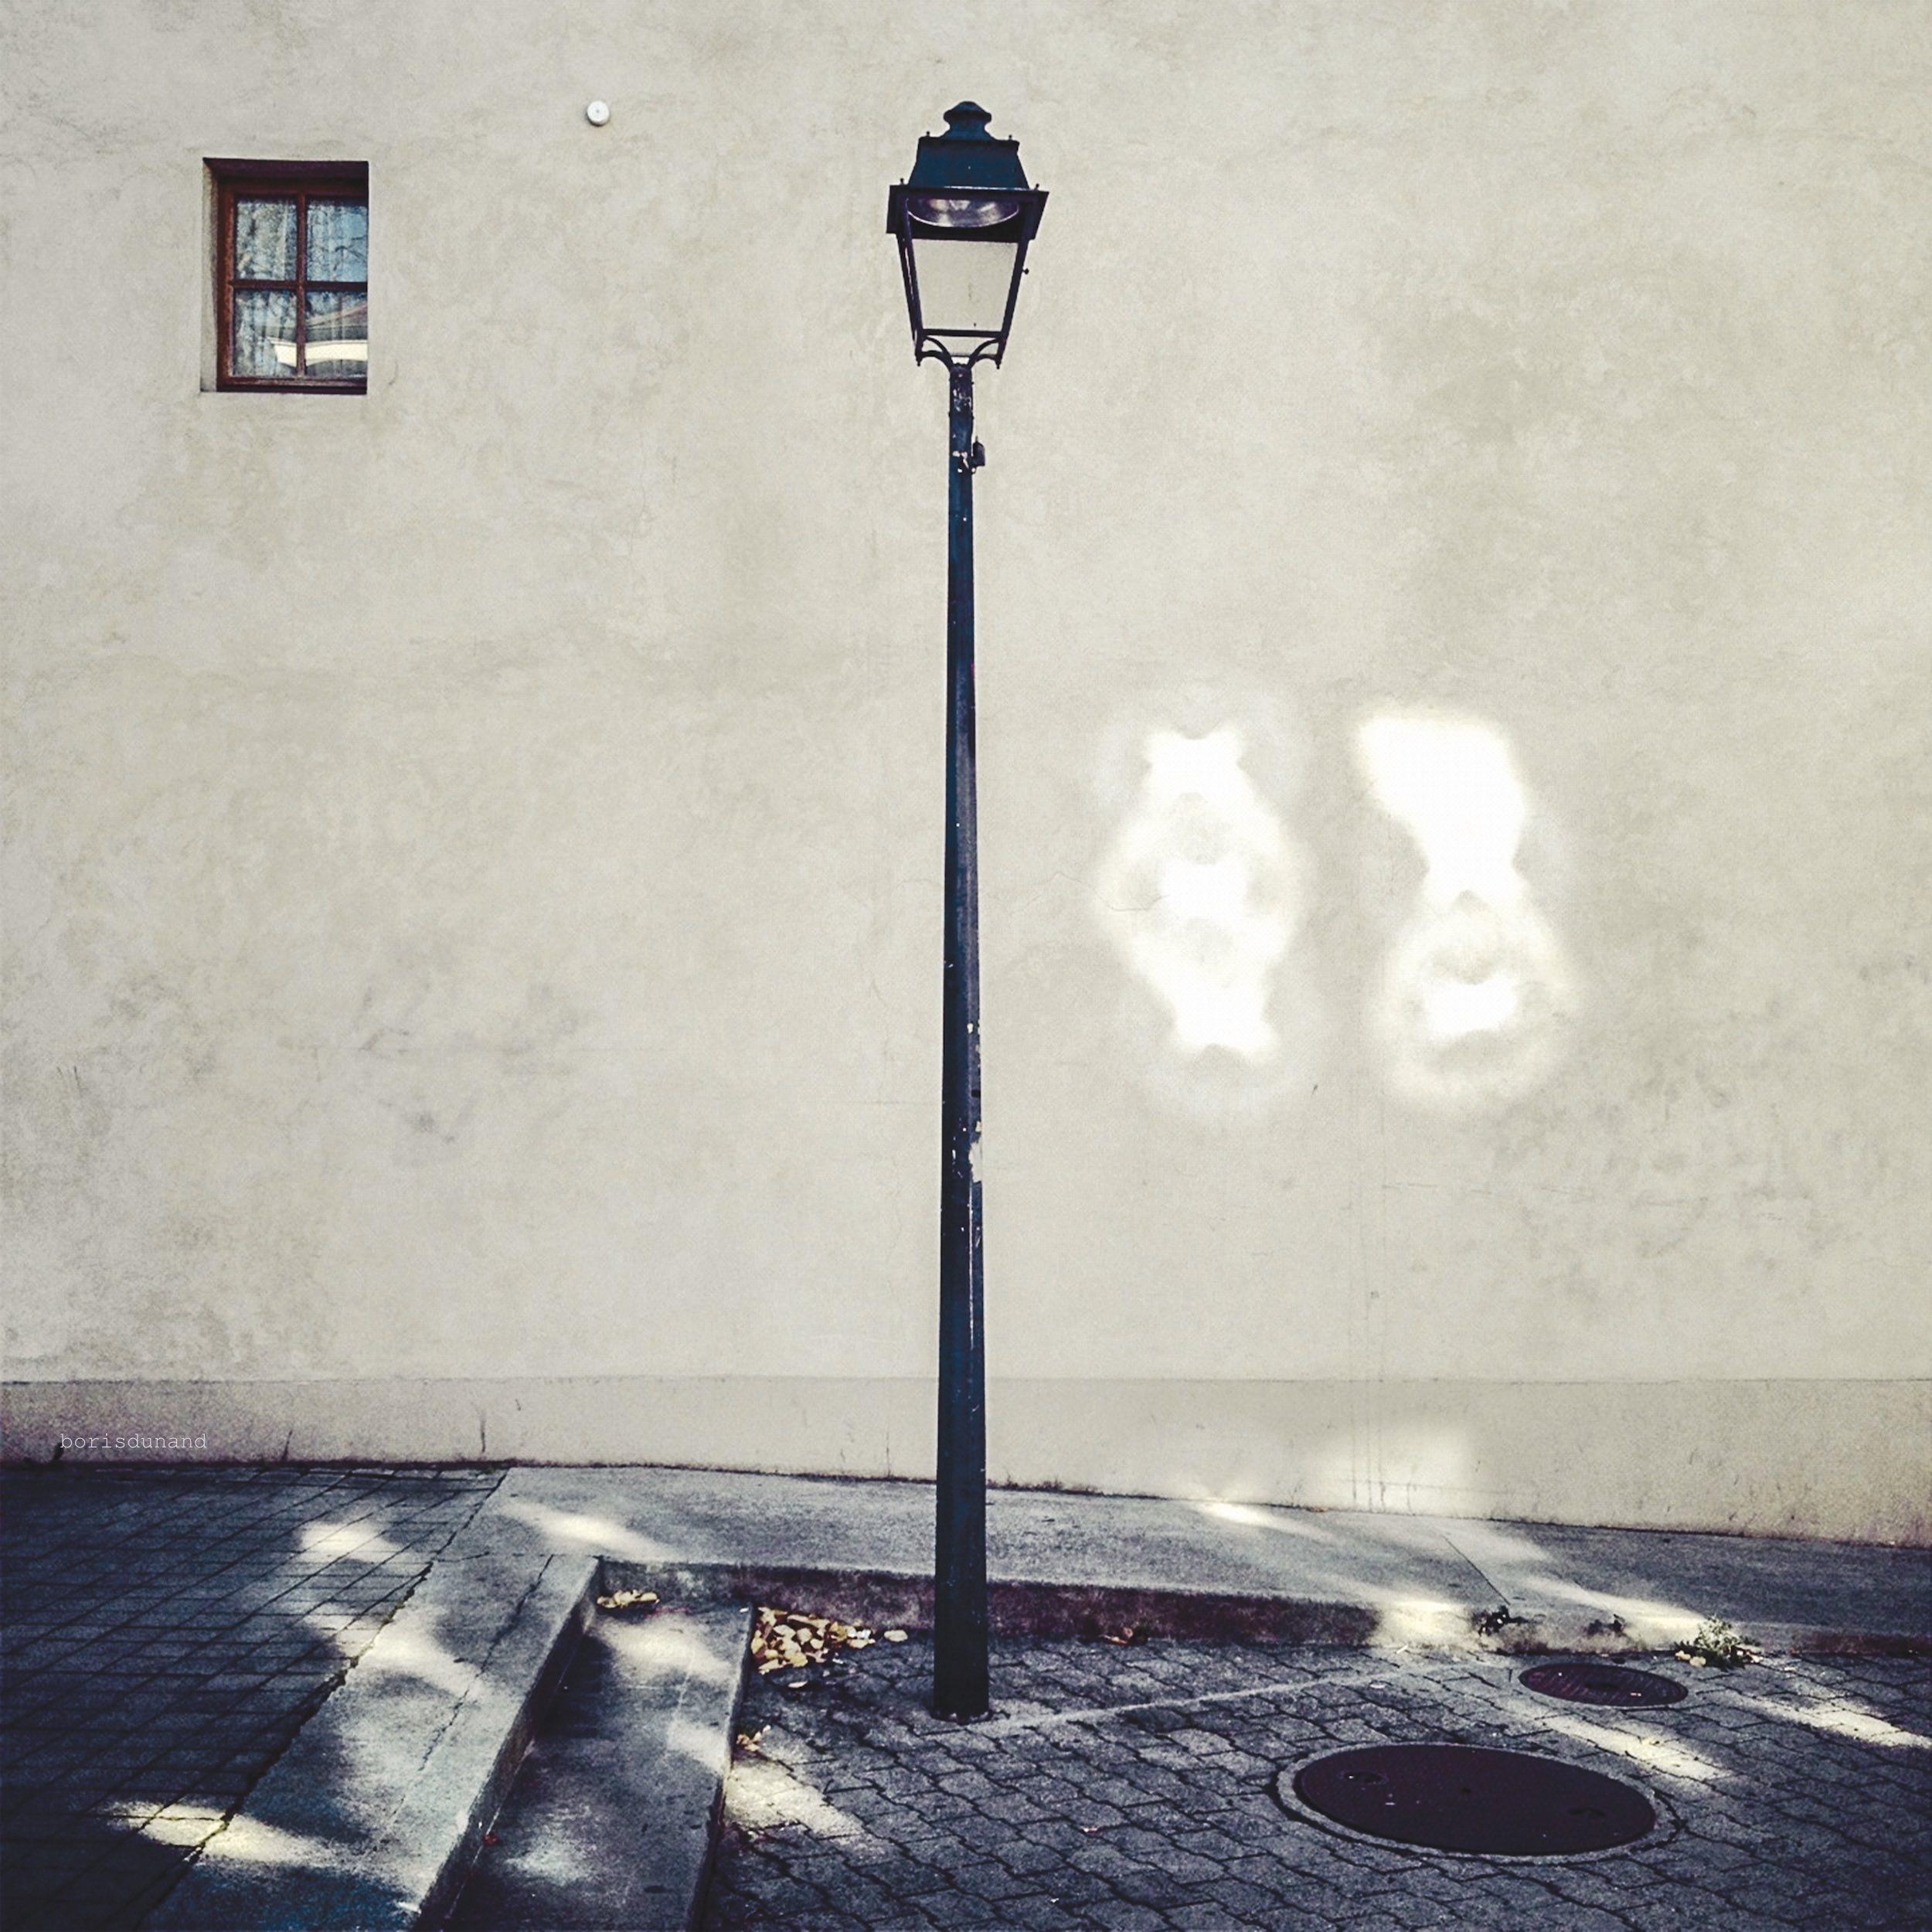 Carouge 7 nov 2012 15h13'01